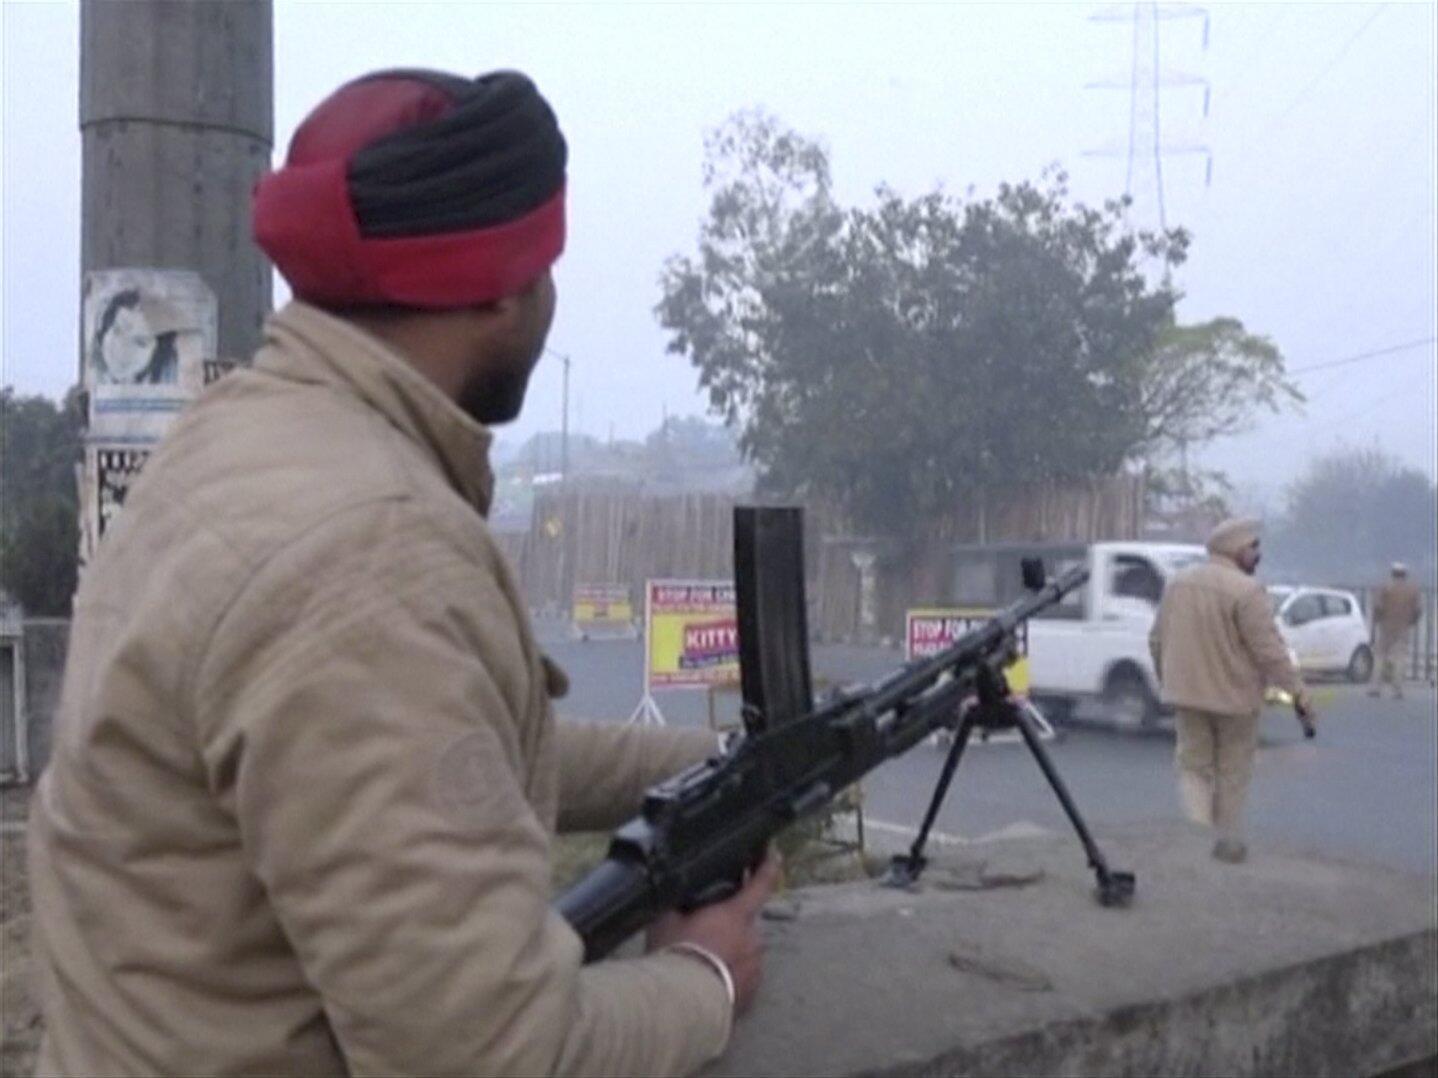 Policial indiano que participou da operação contra os agressores da base aérea no estado de Punjab.